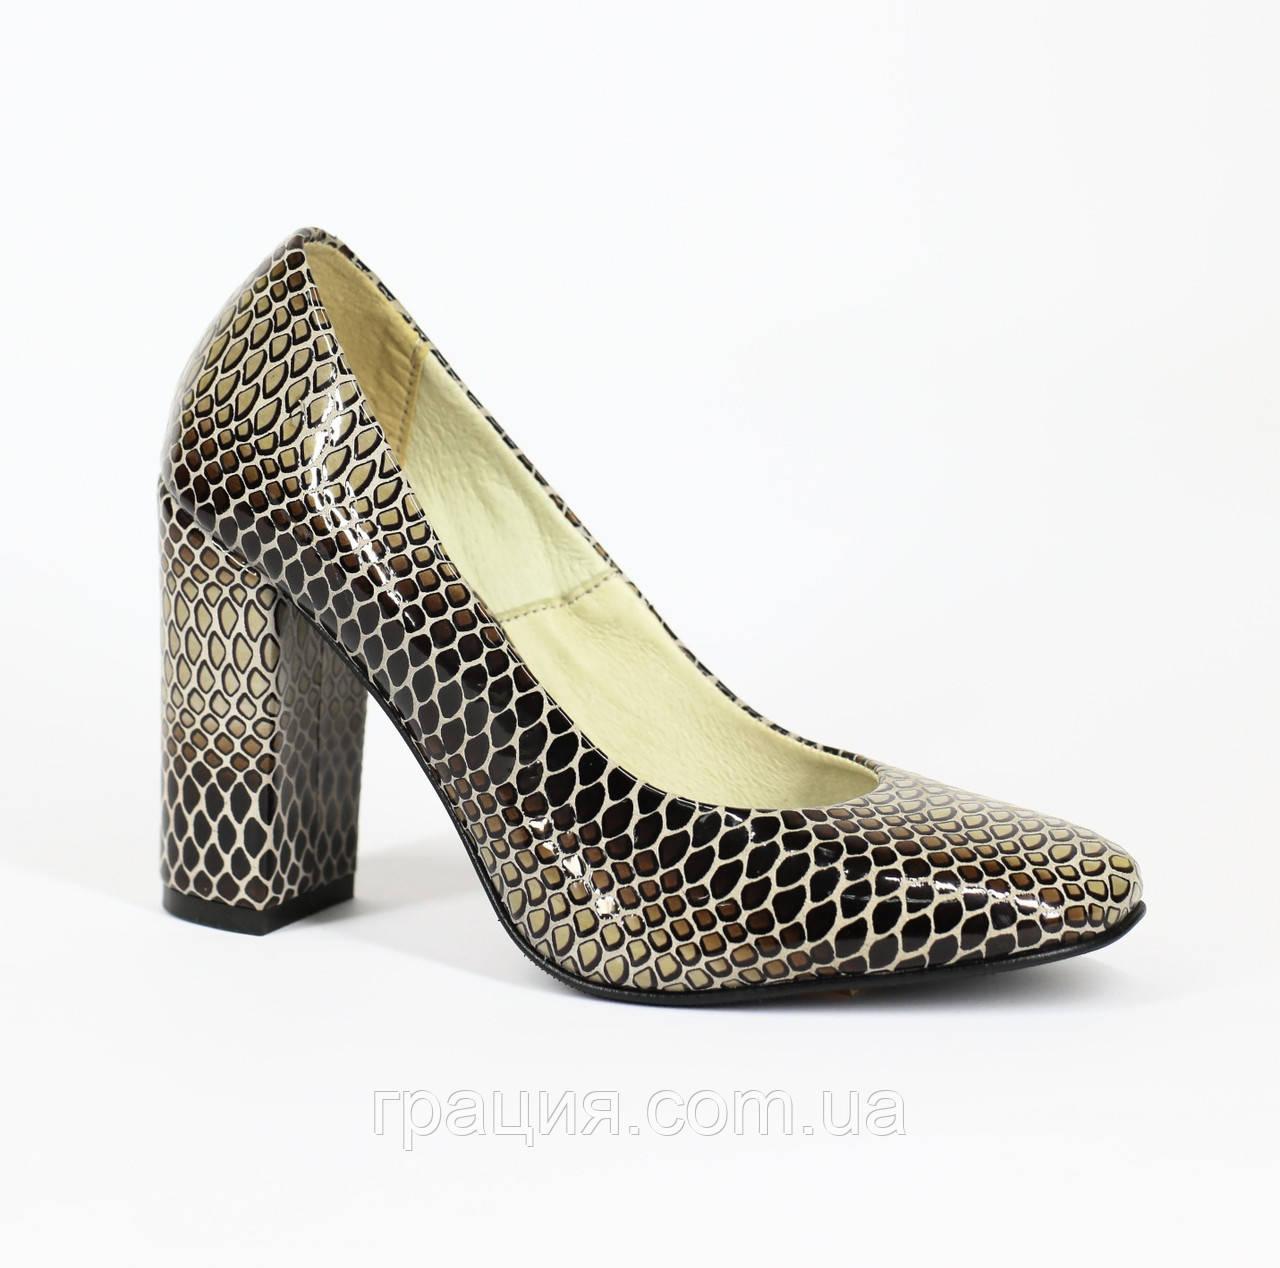 Туфли лаковые женские из натуральной кожи на каблуке